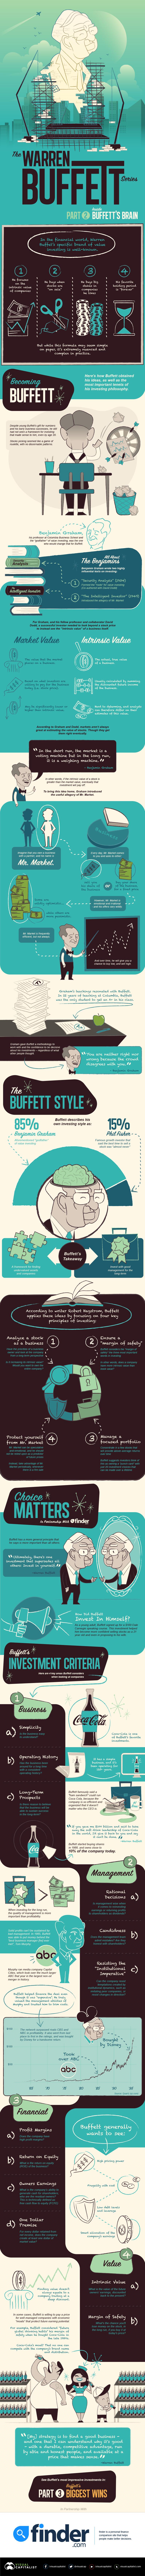 Buffett Part 2 04